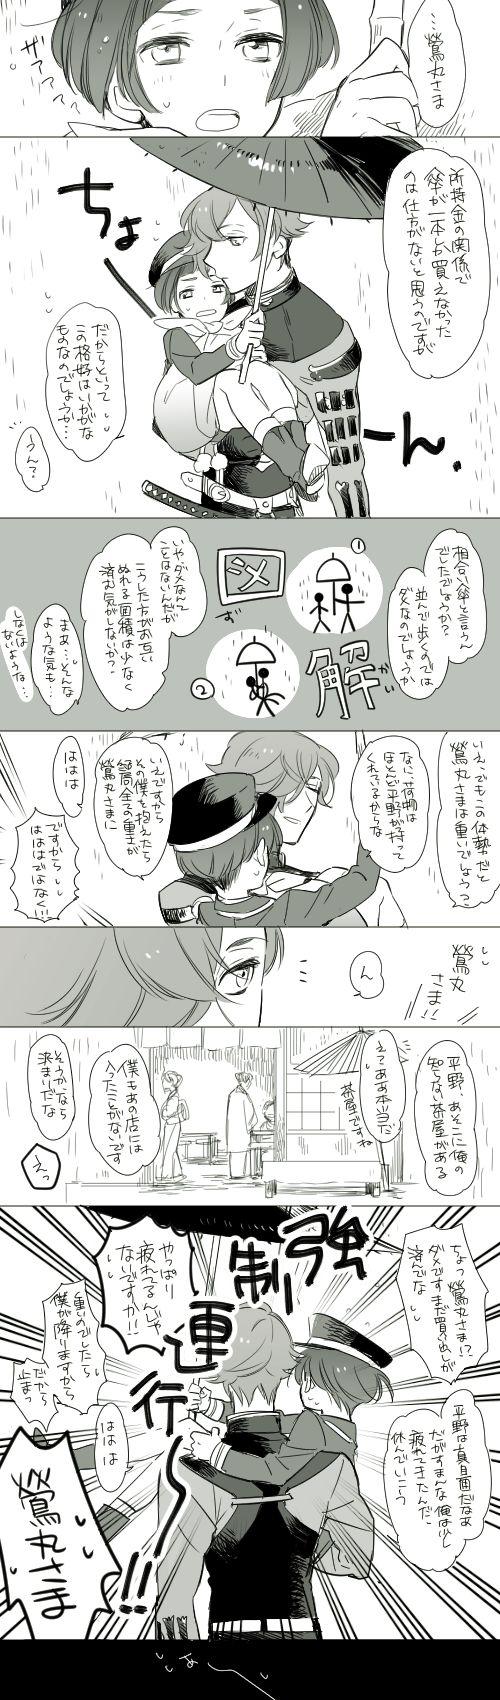 「とうらぶまとめ1」/「らん」の漫画 [pixiv]